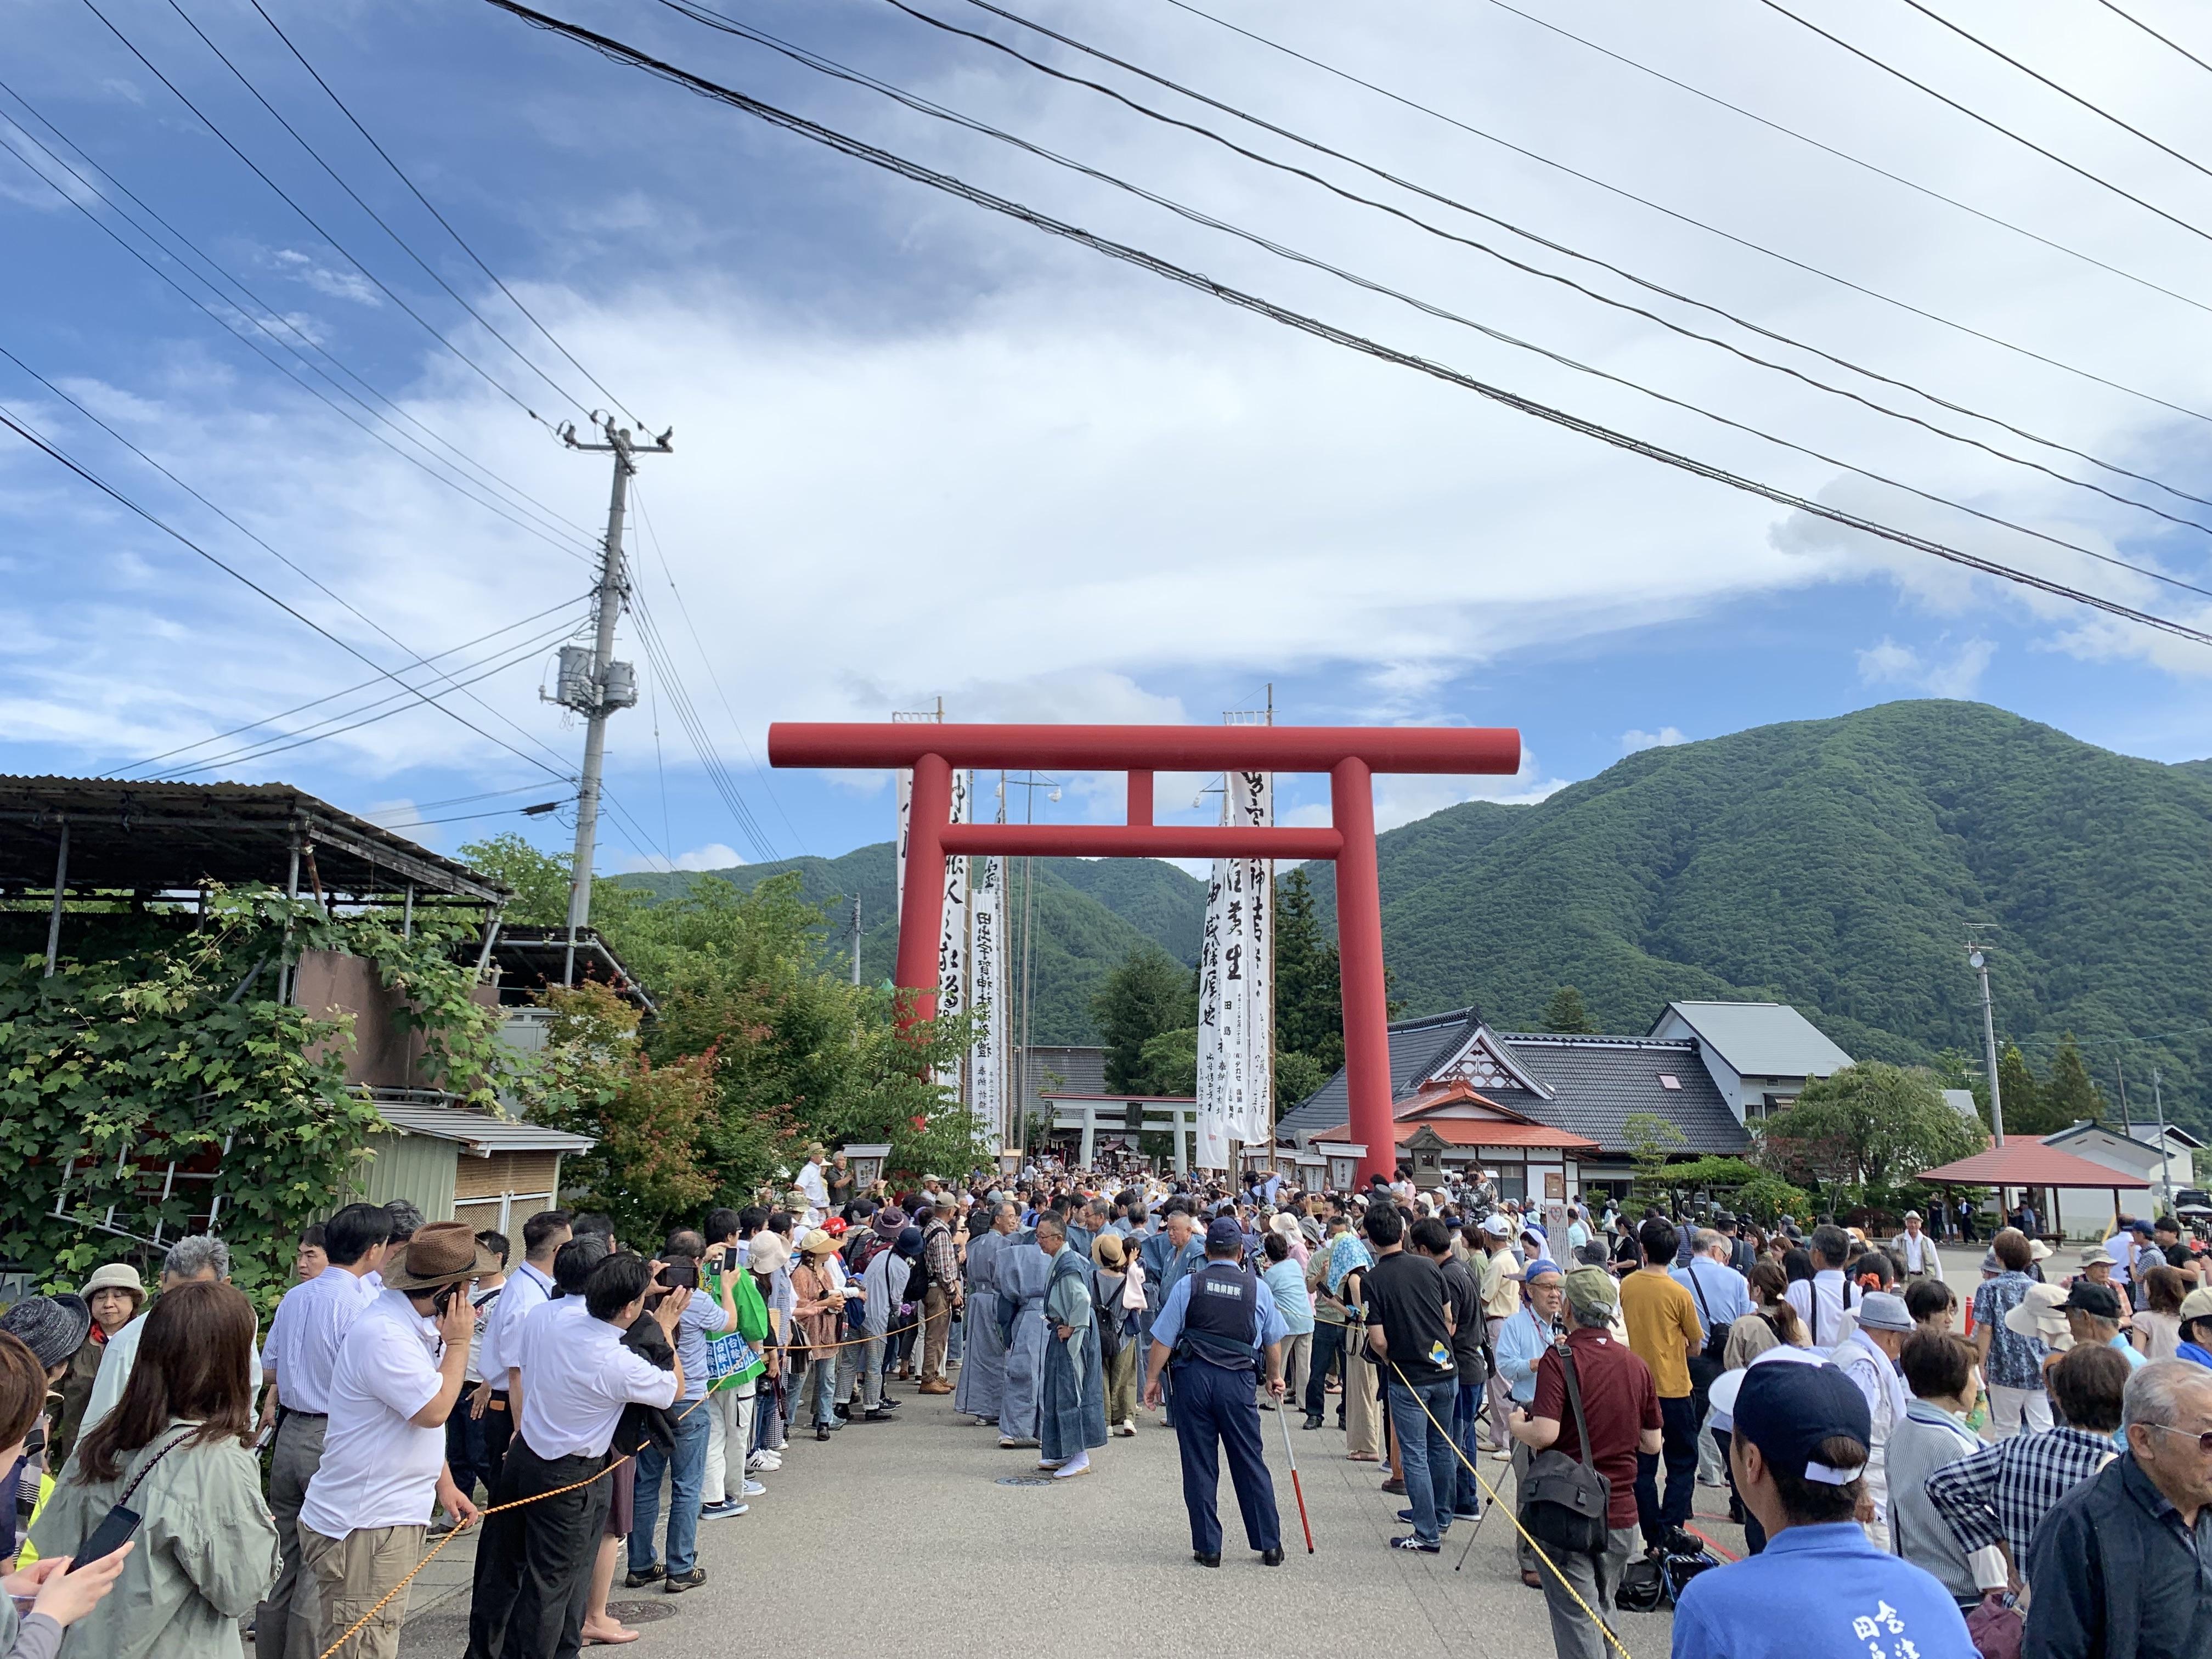 「會津田島祇園祭」的重頭戲「七行器行列」。